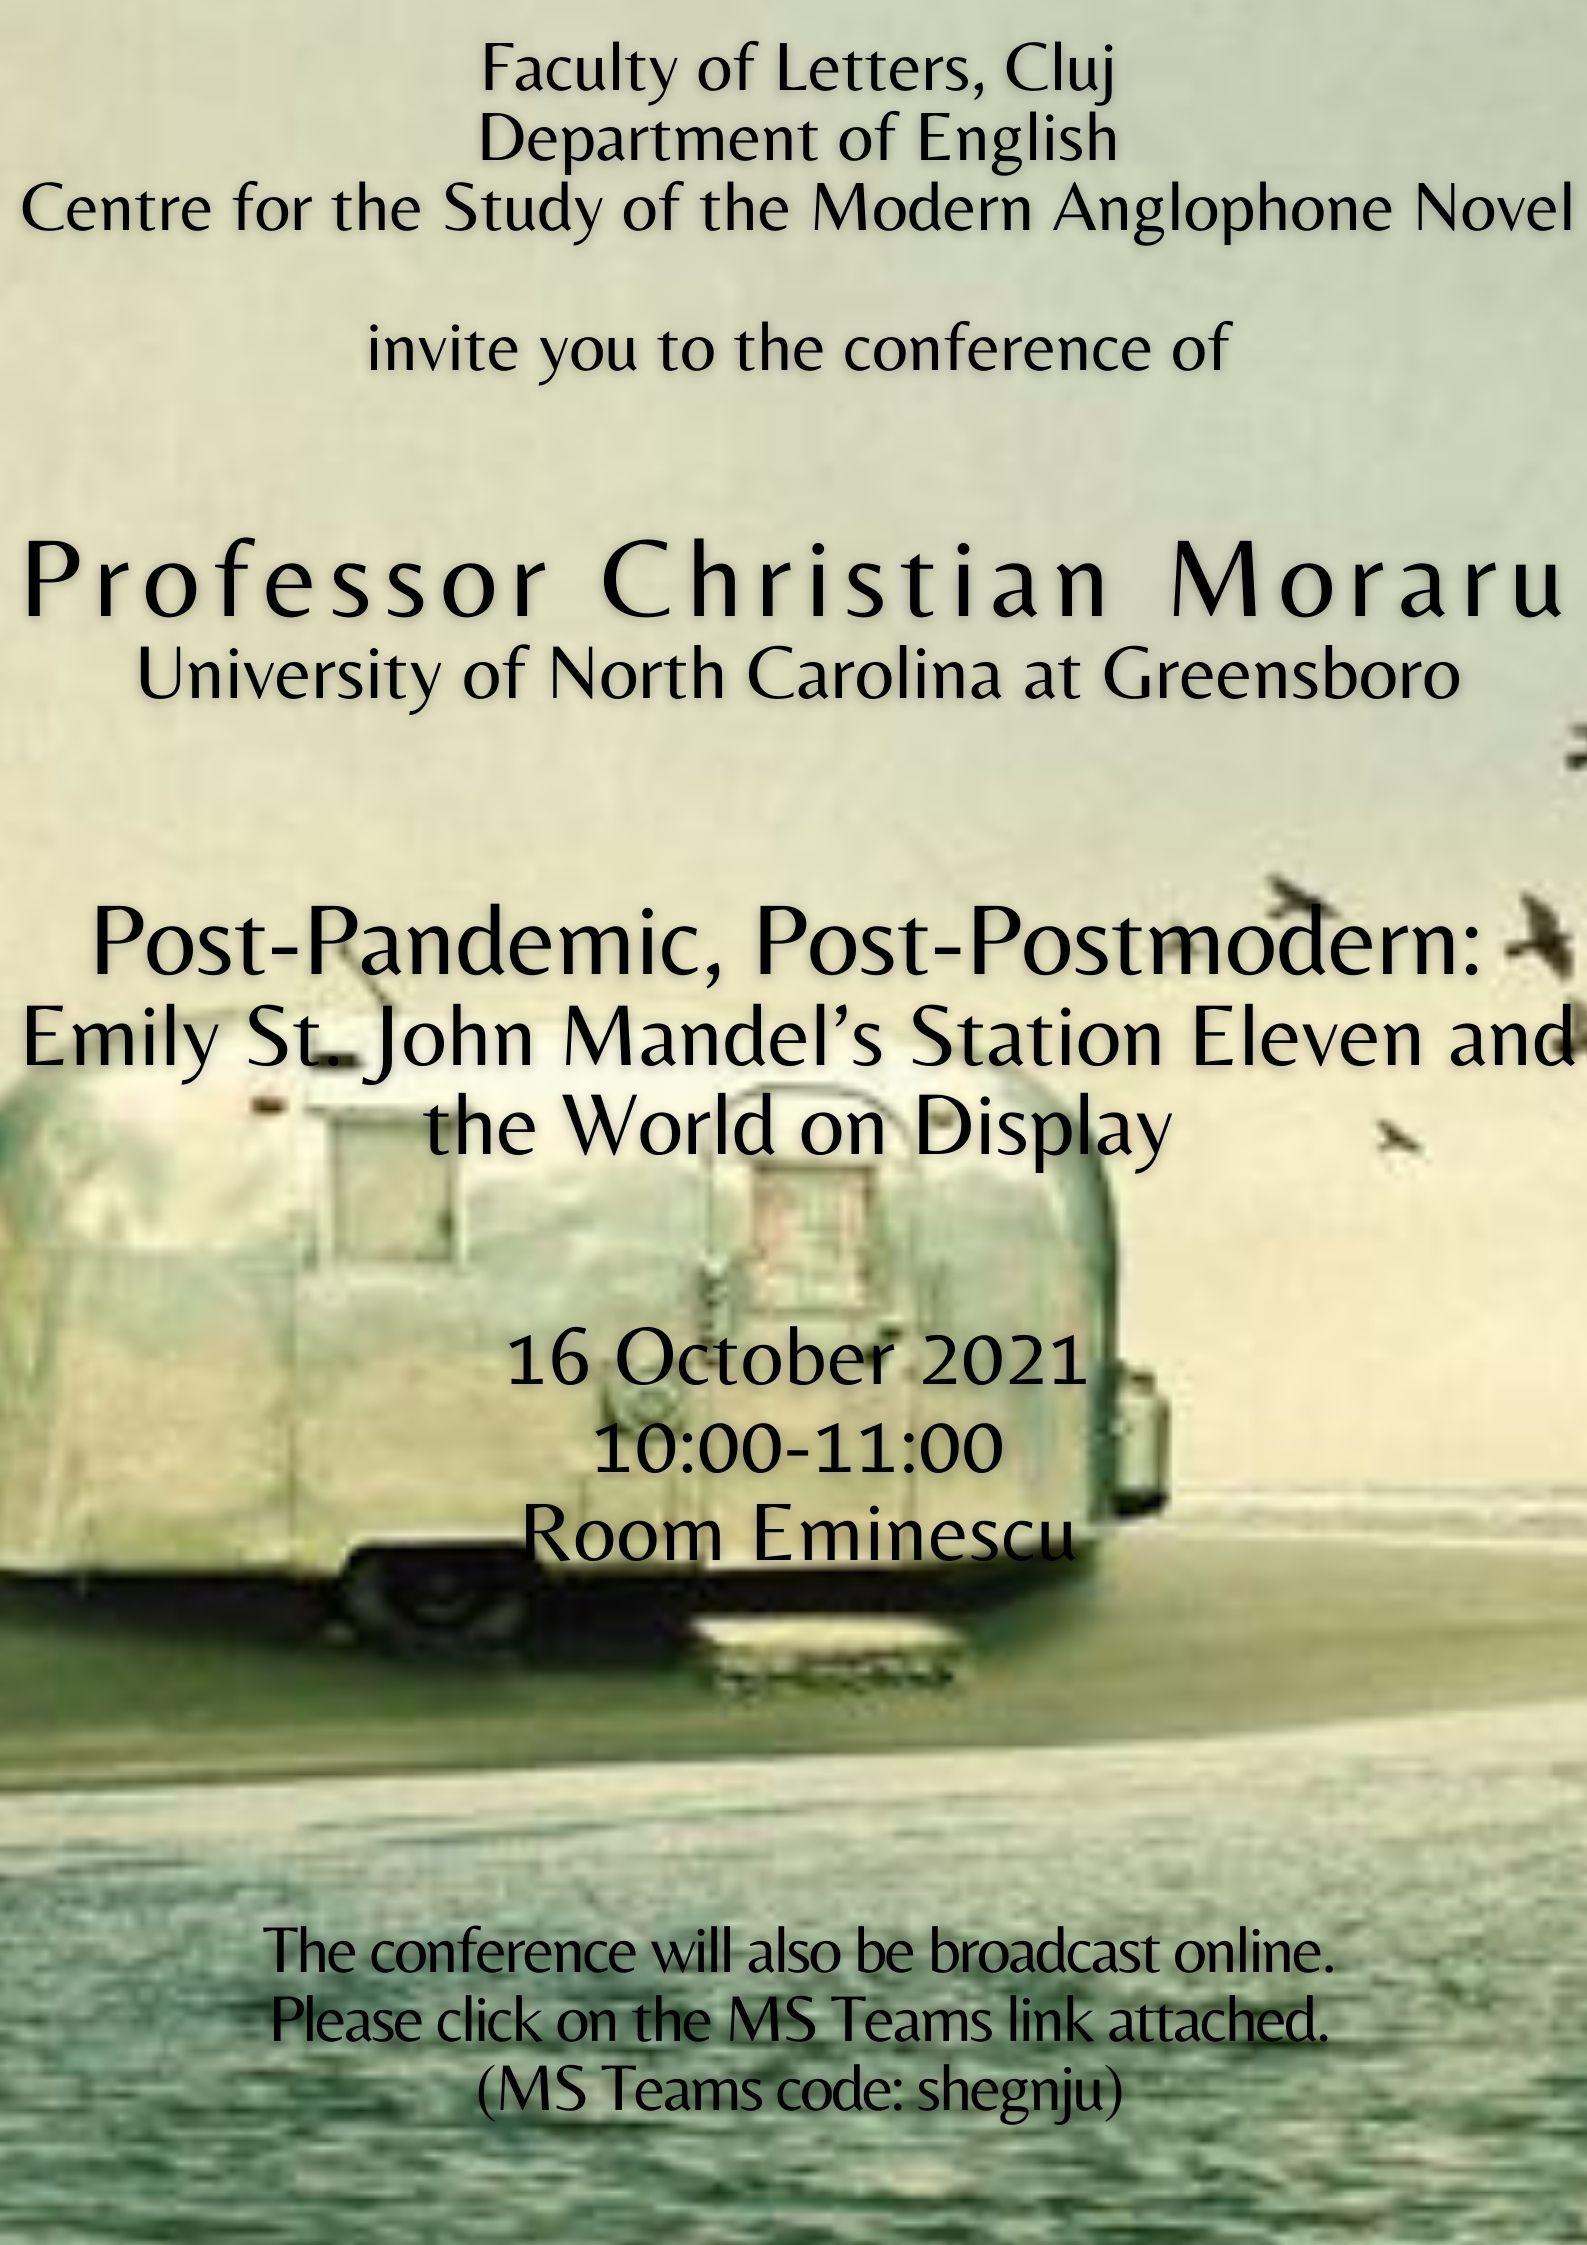 Conferințele Centrului de Cercetare a Romanului Anglofon Contemporan